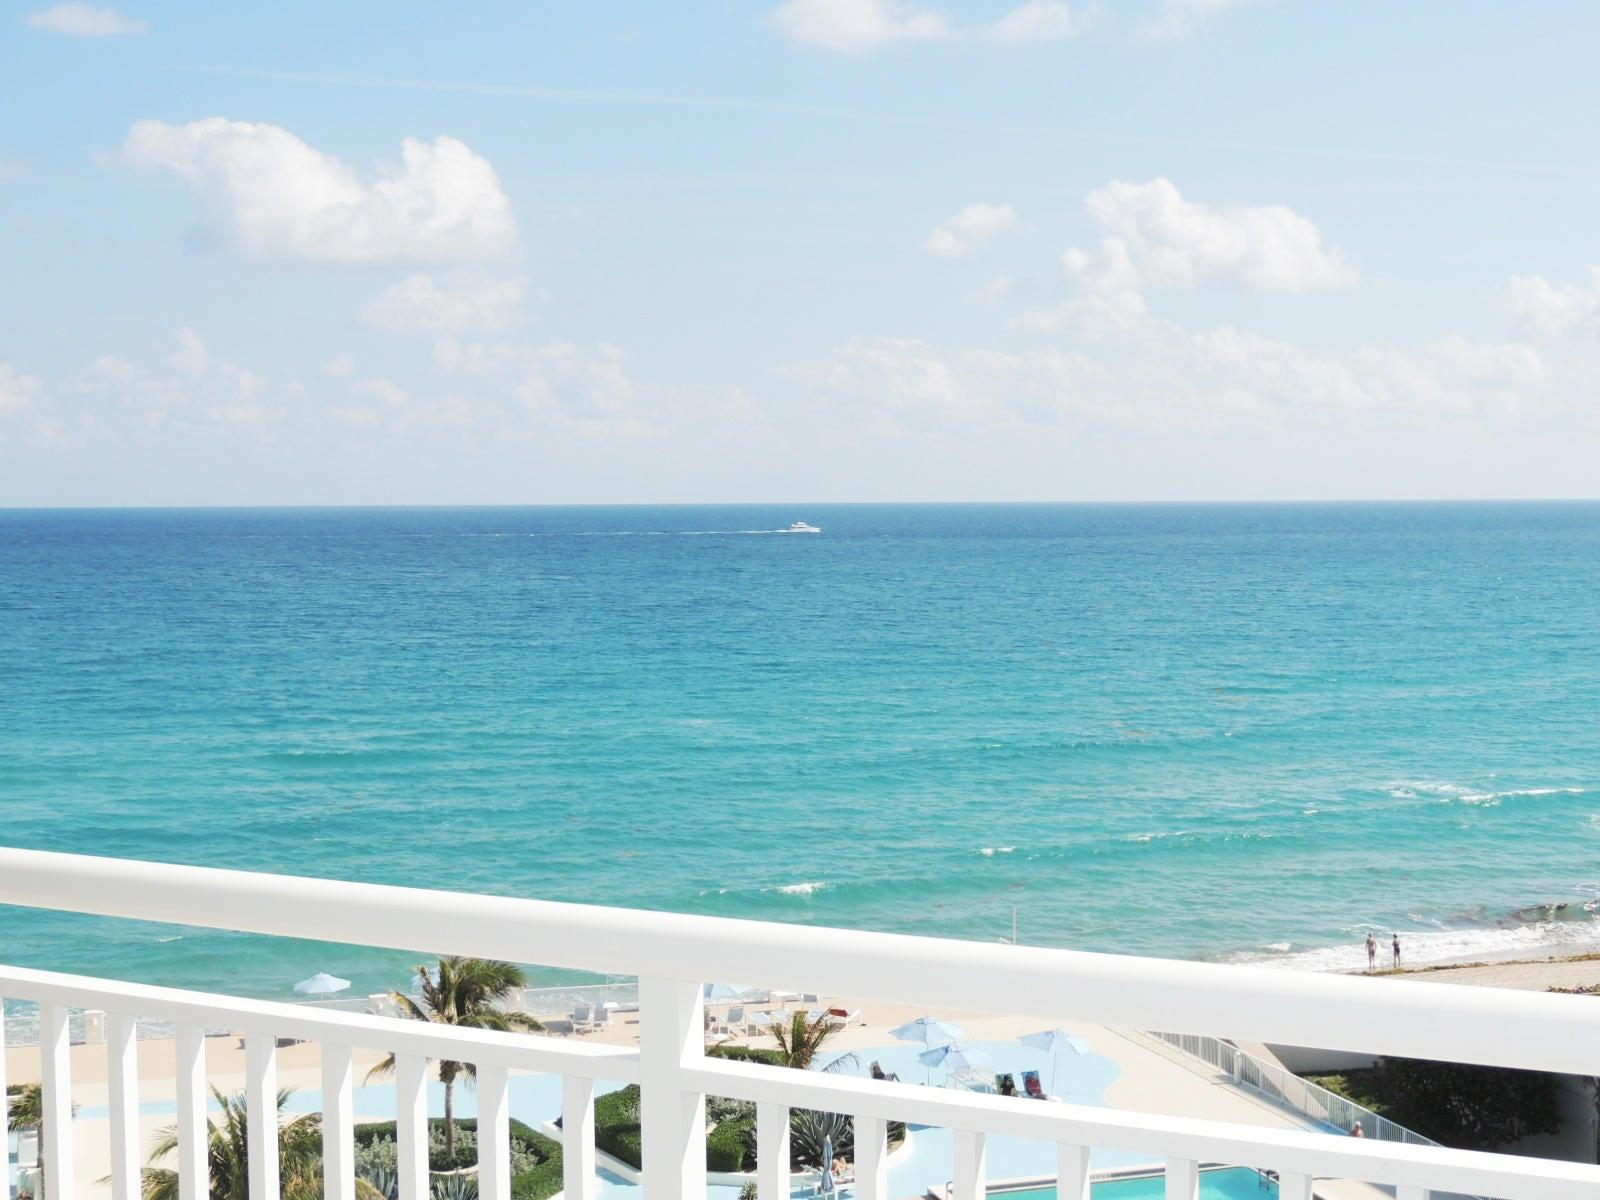 3546 S Ocean Boulevard 907, Palm Beach, FL 33480